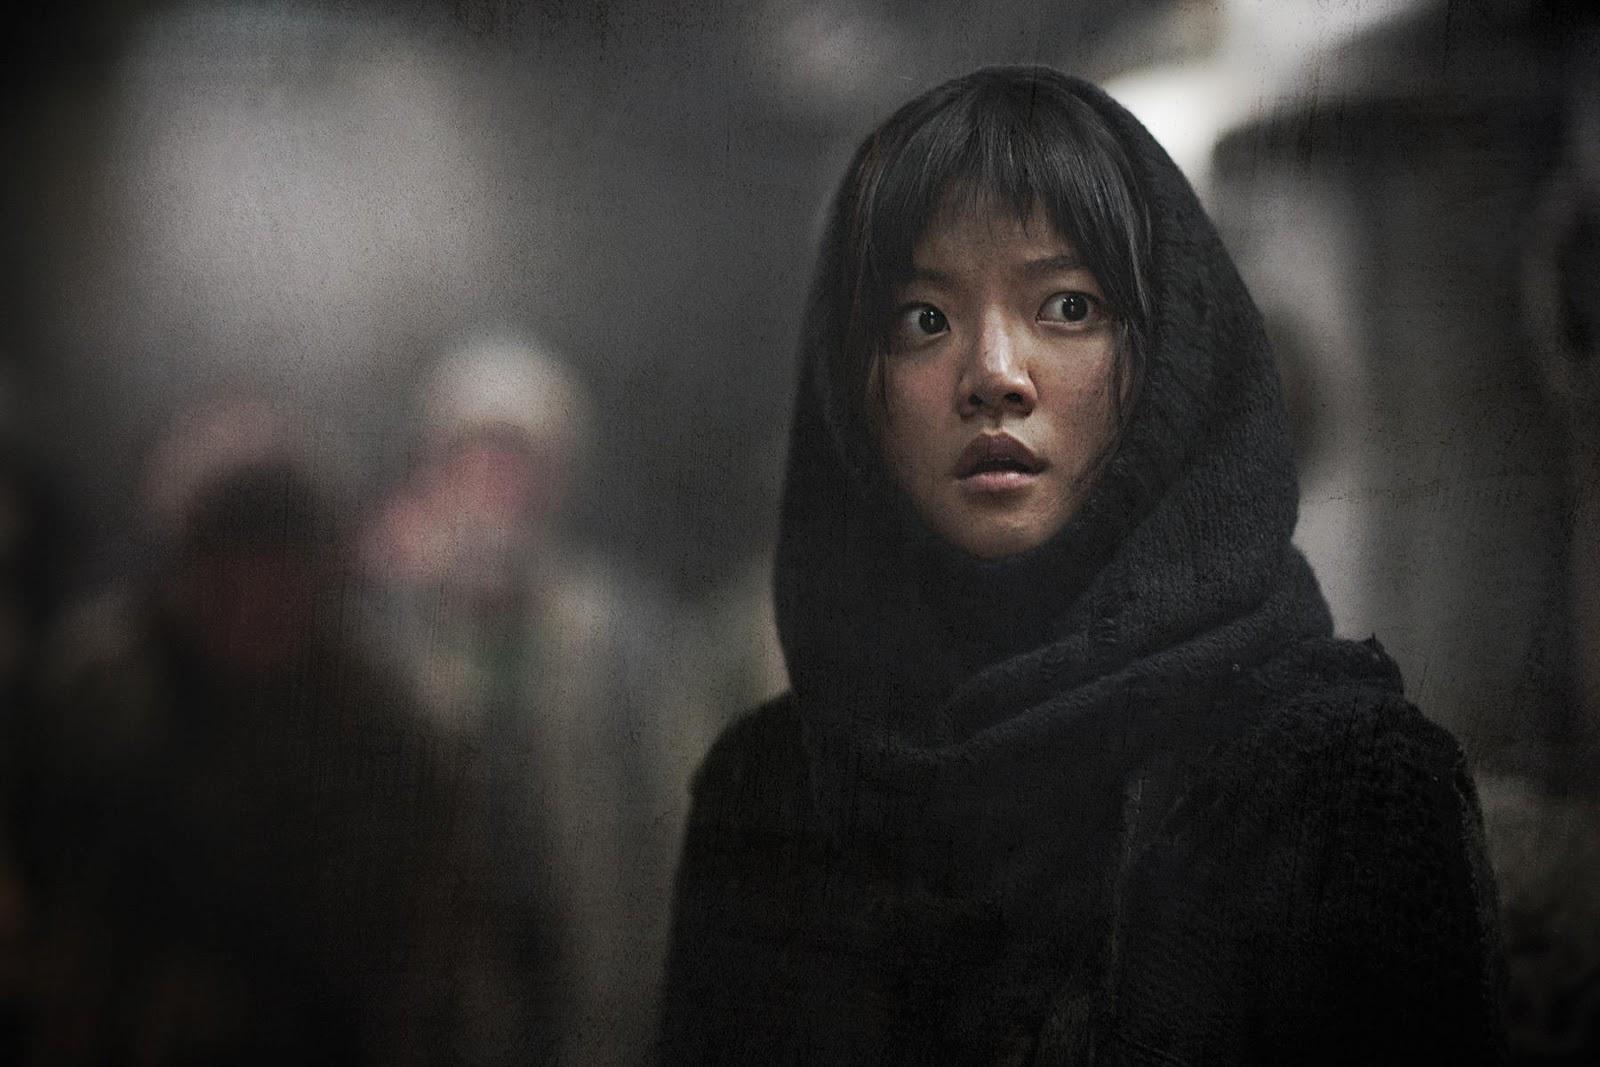 CIA☆こちら映画中央情報局です: Snowpiercer : 「グエ...  「グエムル」のポ